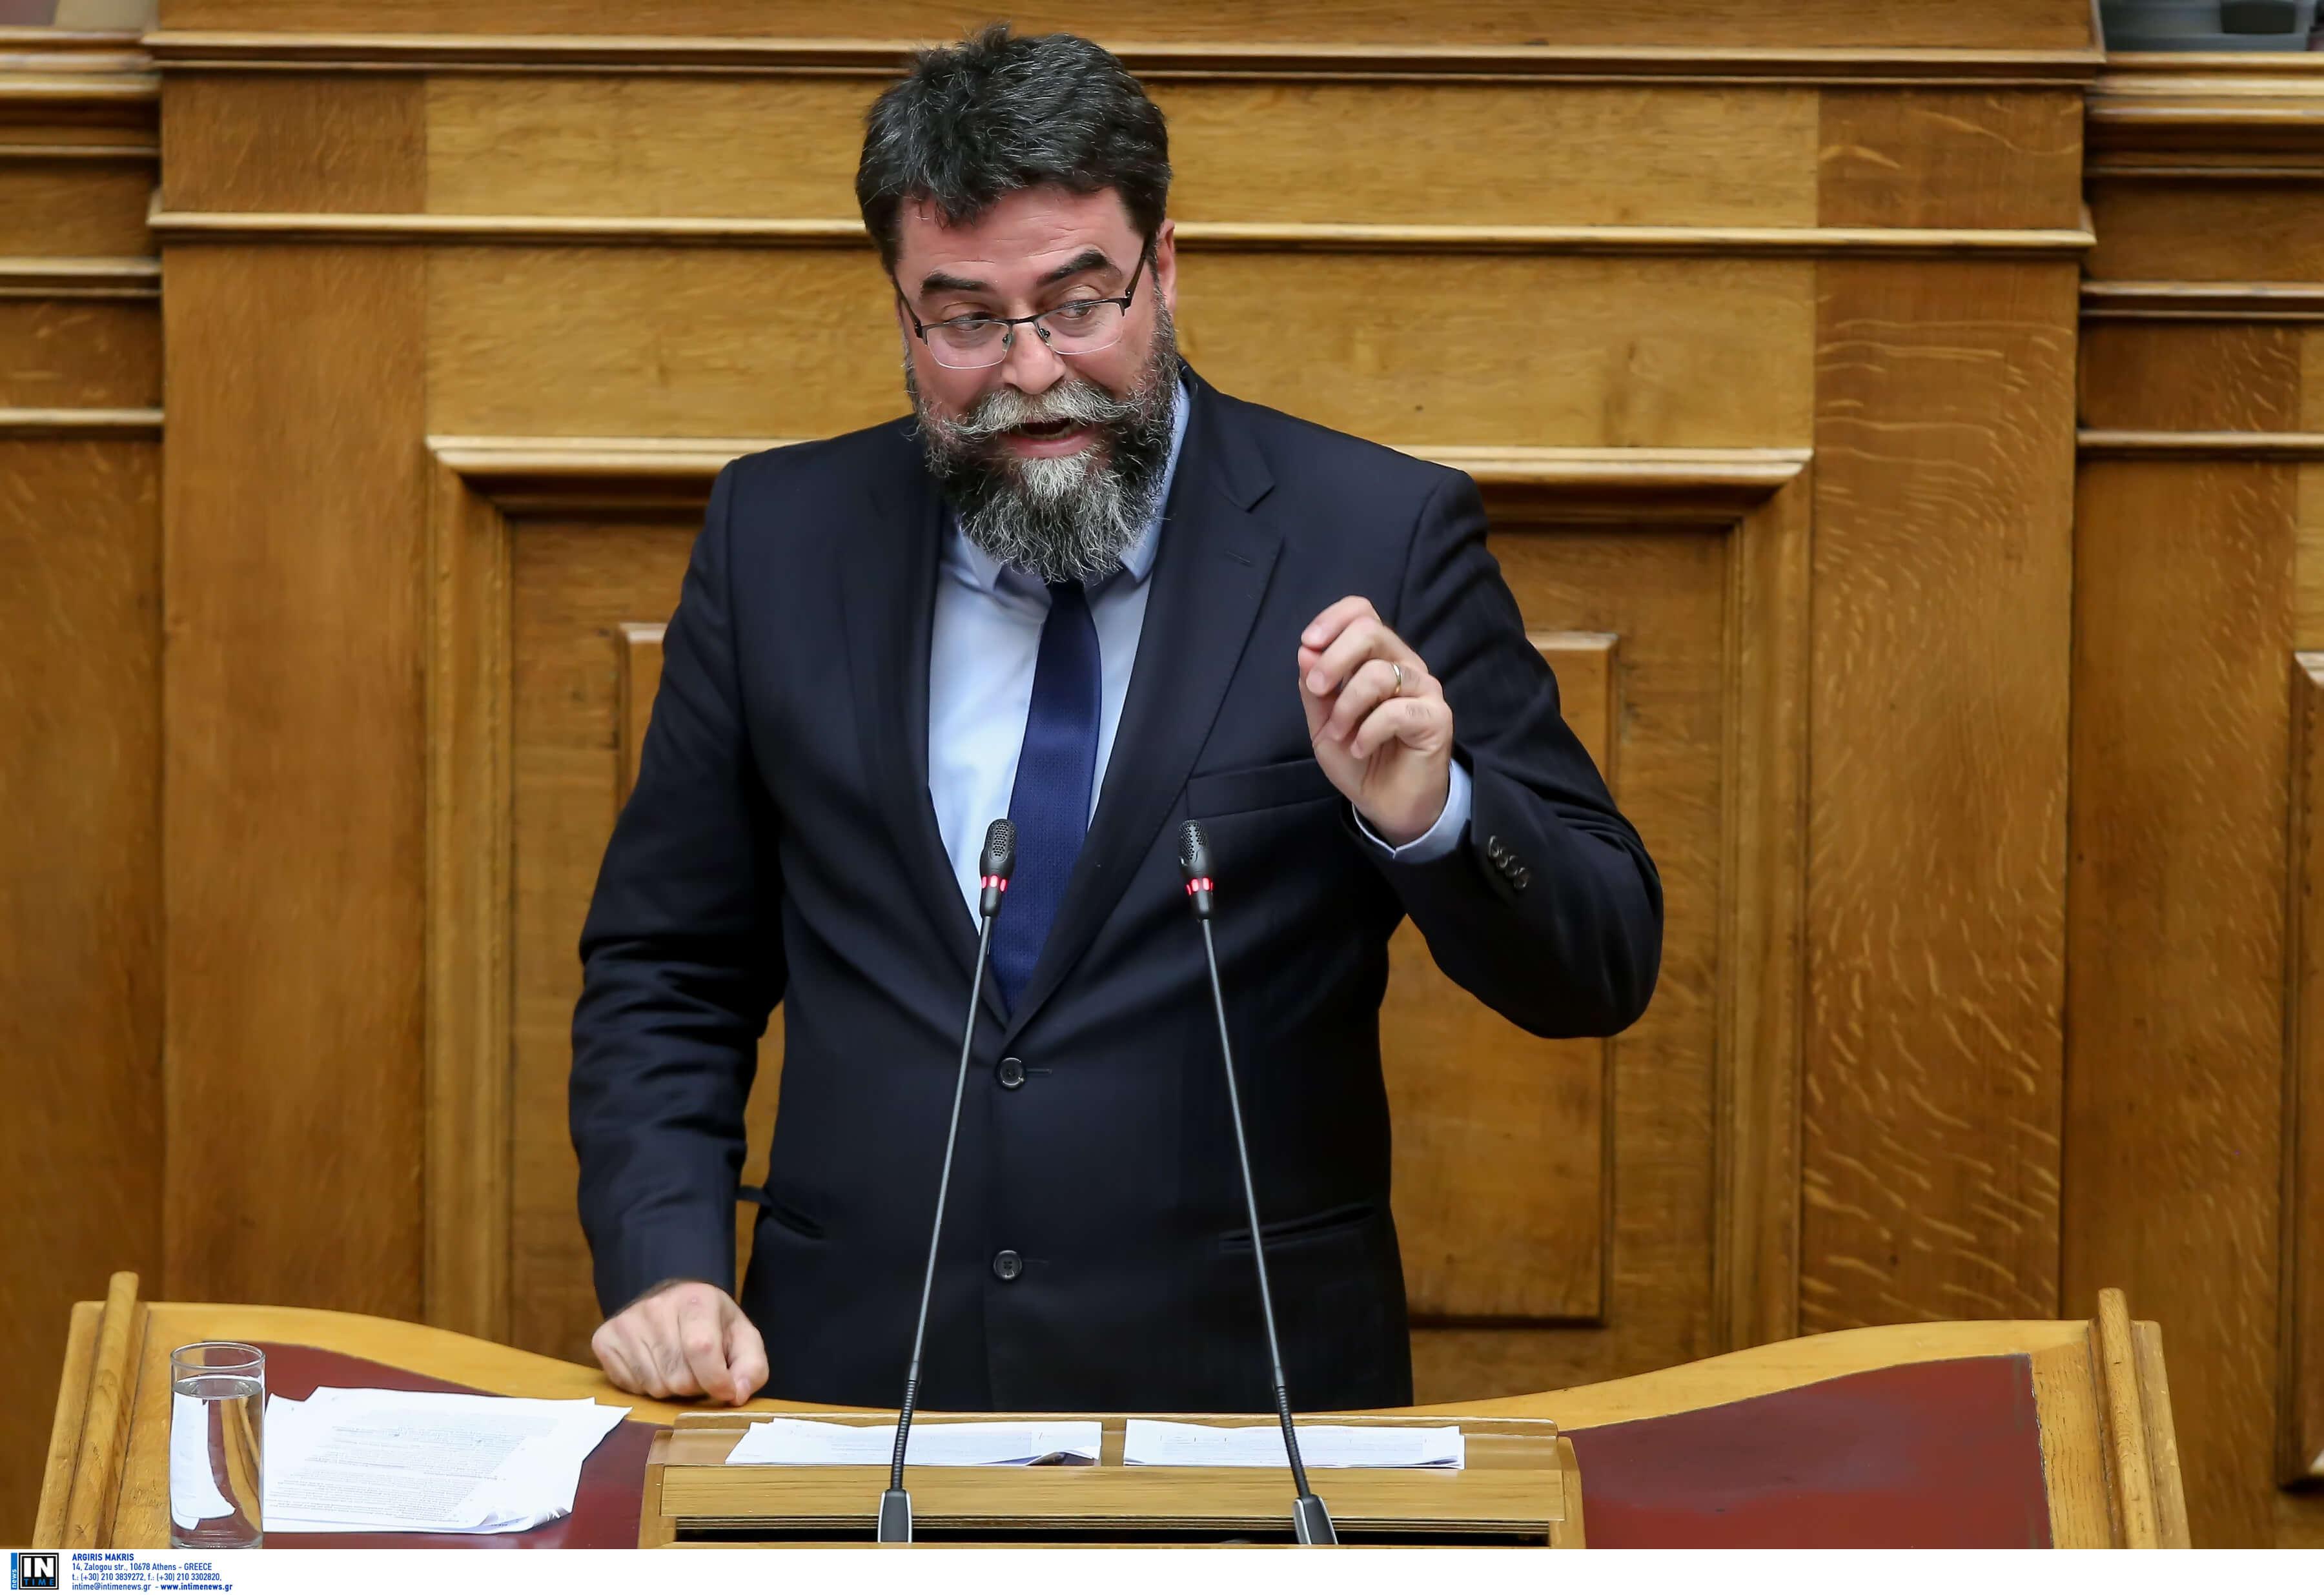 Οικονόμου: Δείγμα ανικανότητας της κυβέρνησης ΣΥΡΙΖΑ η ακύρωση δωρεάς του Ιδρύματος Σταύρος Νιάρχος